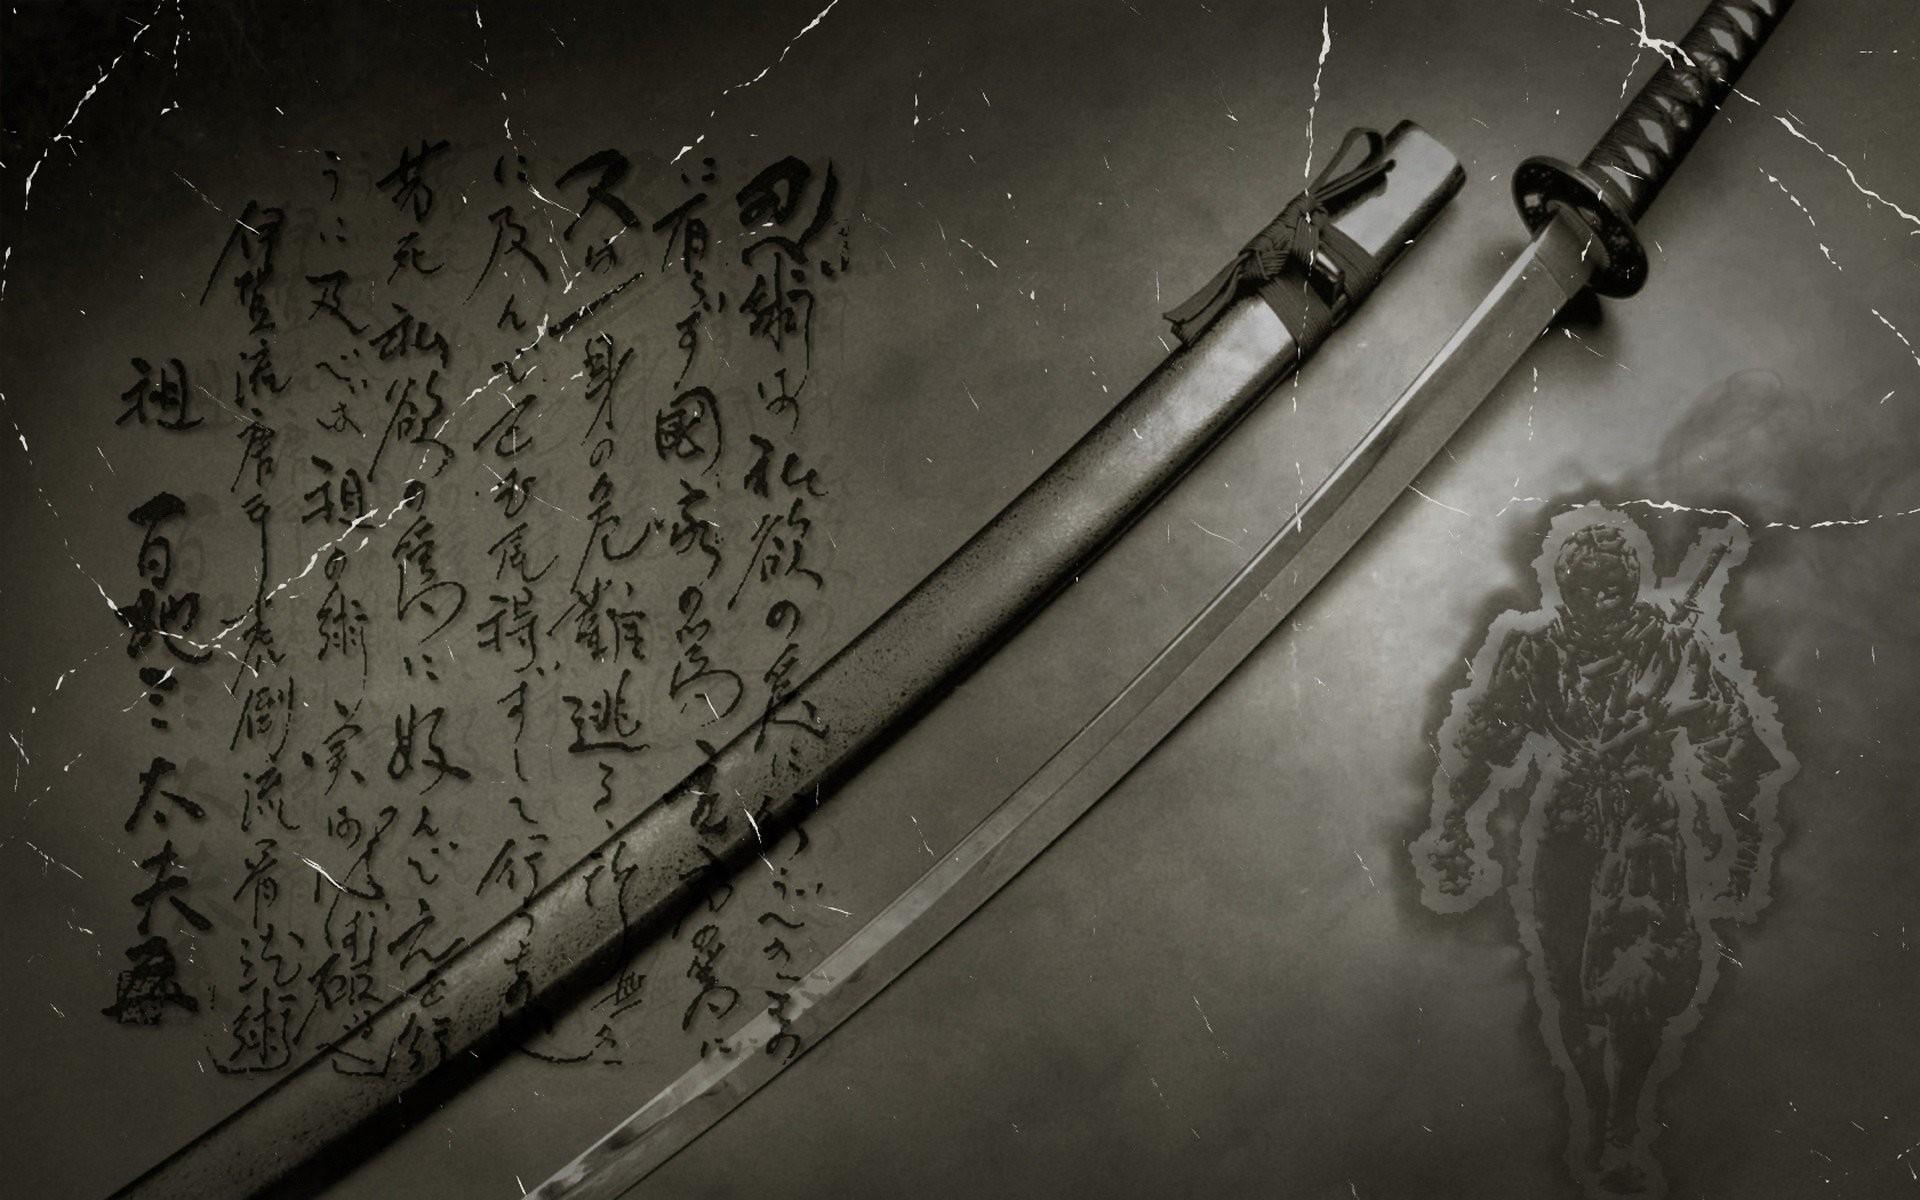 Samurai Wallpaper 1920×1080 – WallpaperSafari